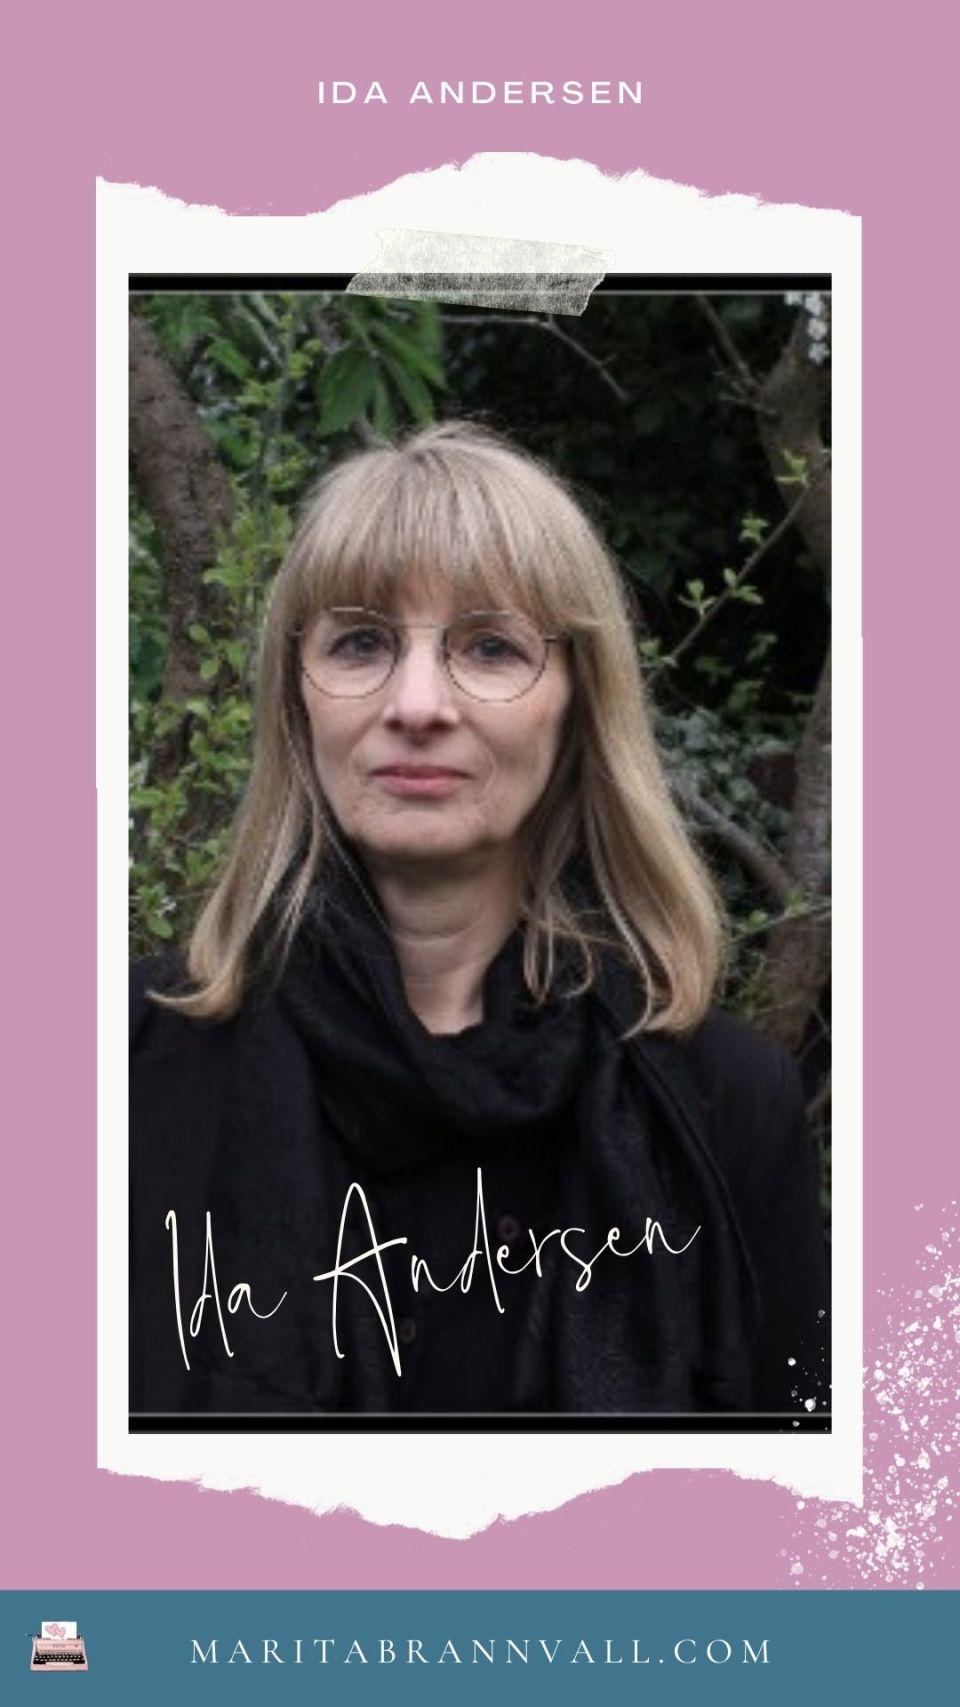 Ida Andersen gästbloggar hos Marita Brännvall - Ge aldrig upp